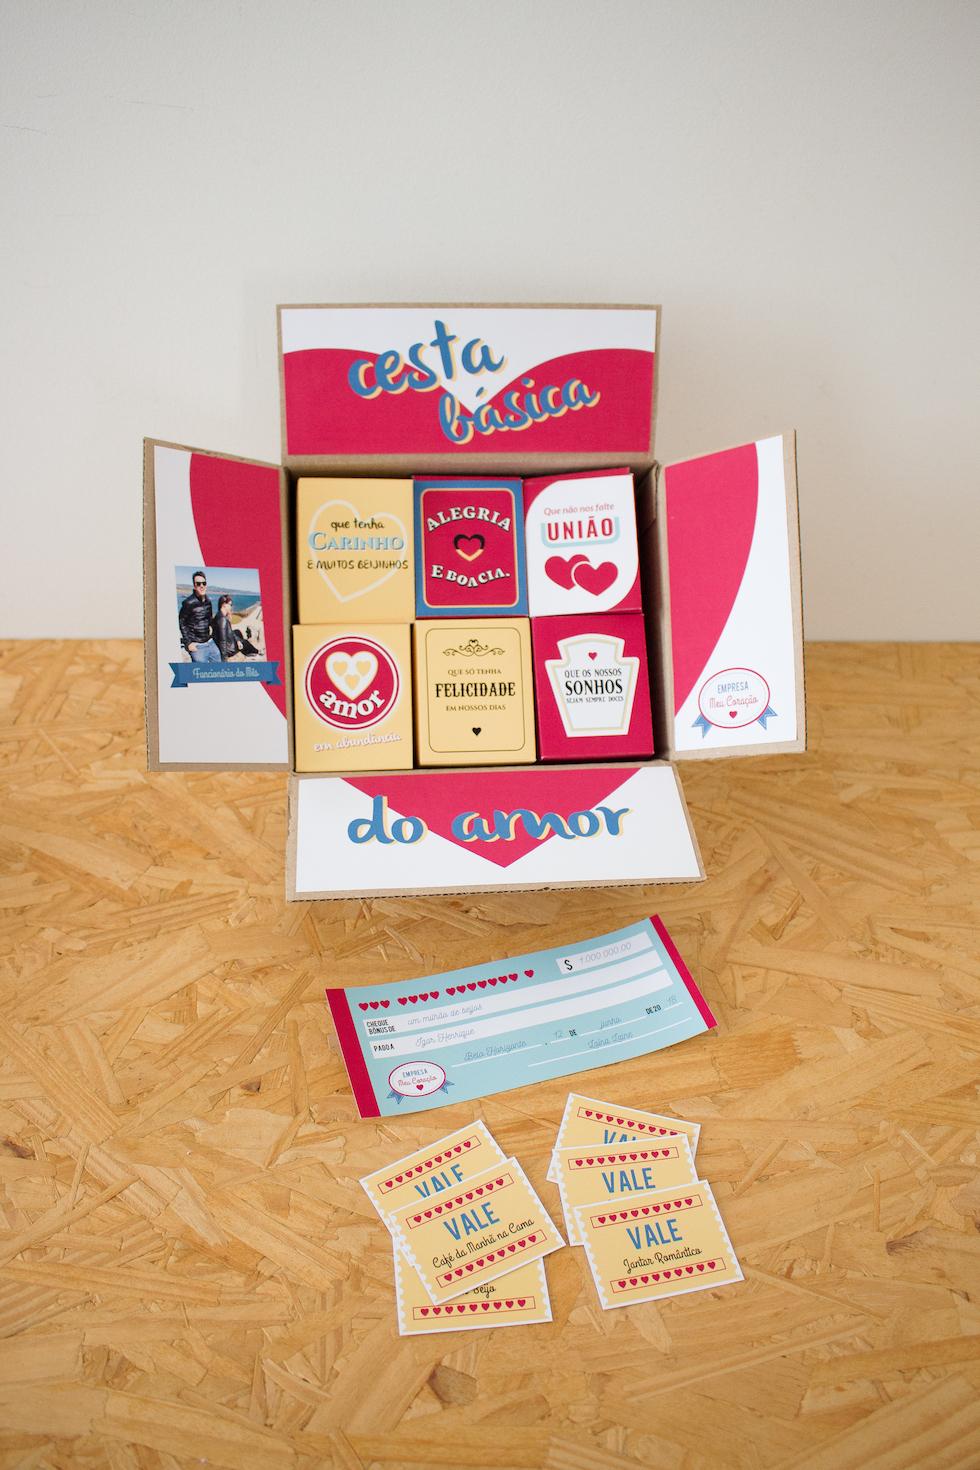 cesta-basica-do-amor-presente-namorado-personalizado-criativo-laina-laine-7